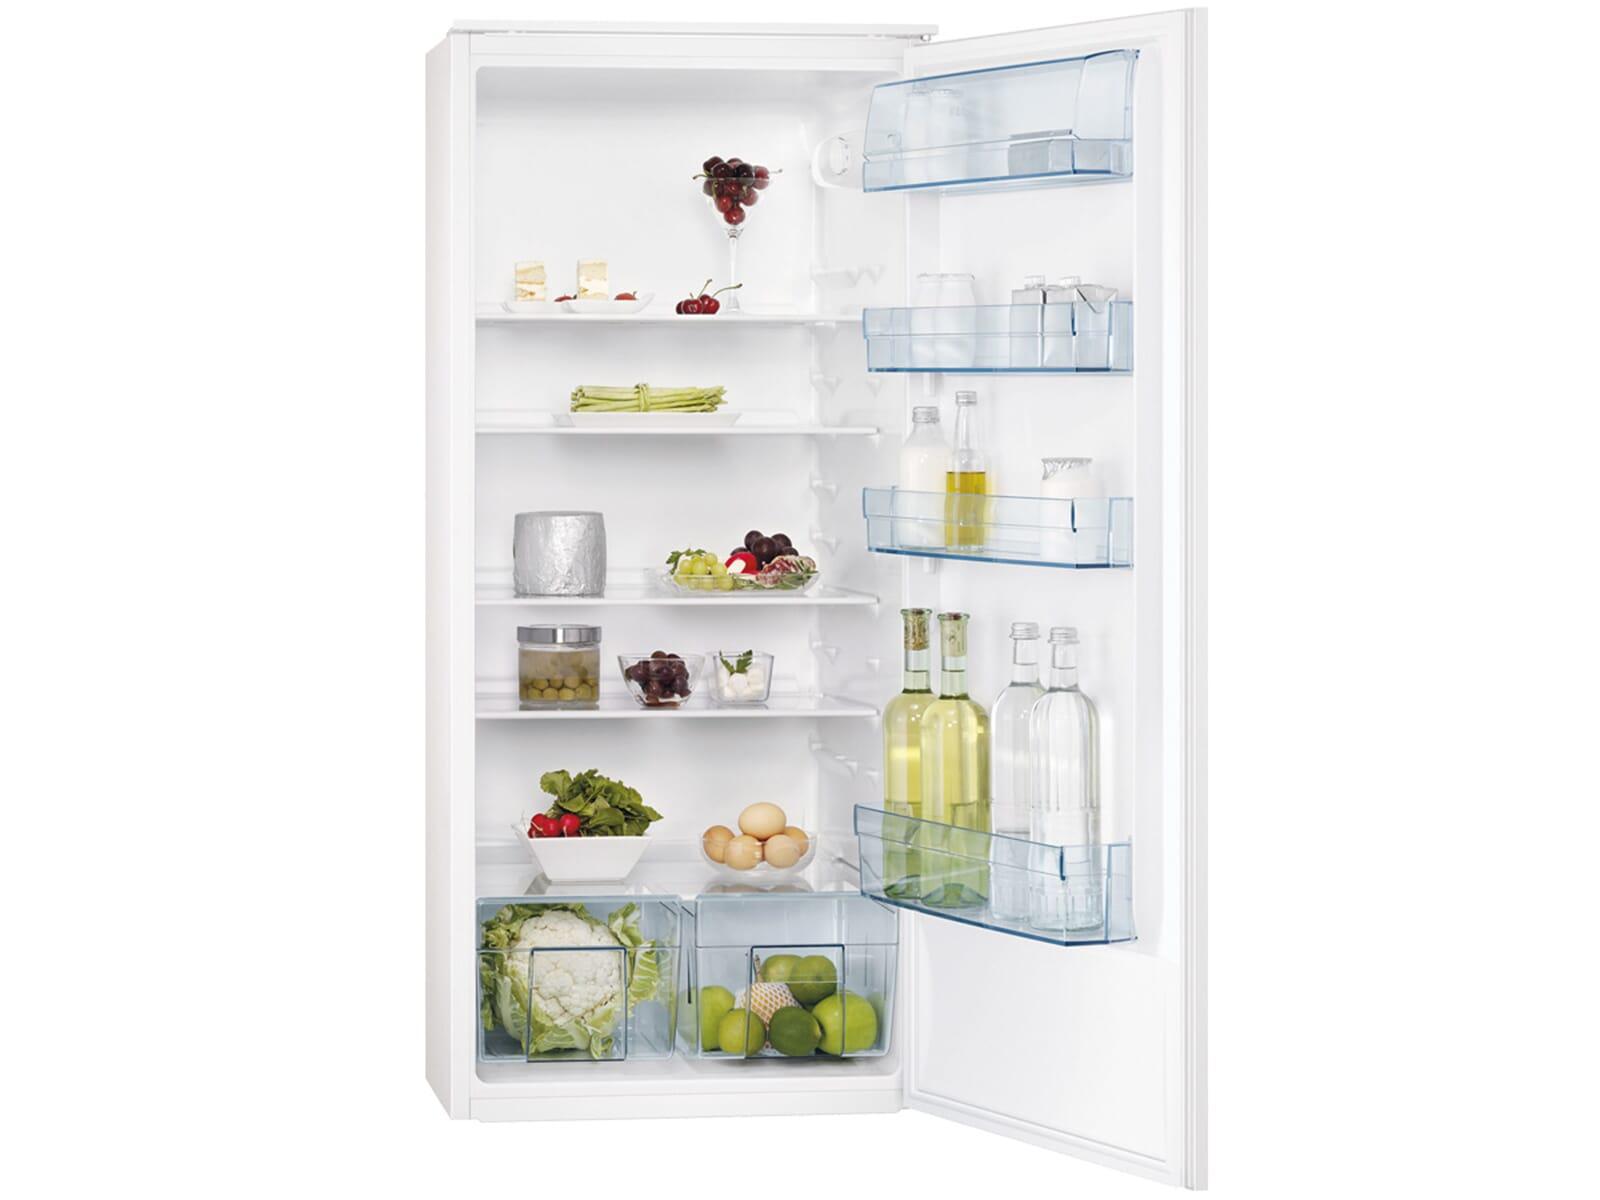 Aeg Kühlschrank Integrierbar 122 Cm : Einbaukühlschrank mit schlepptür 122 cm whirlpool arg einbau